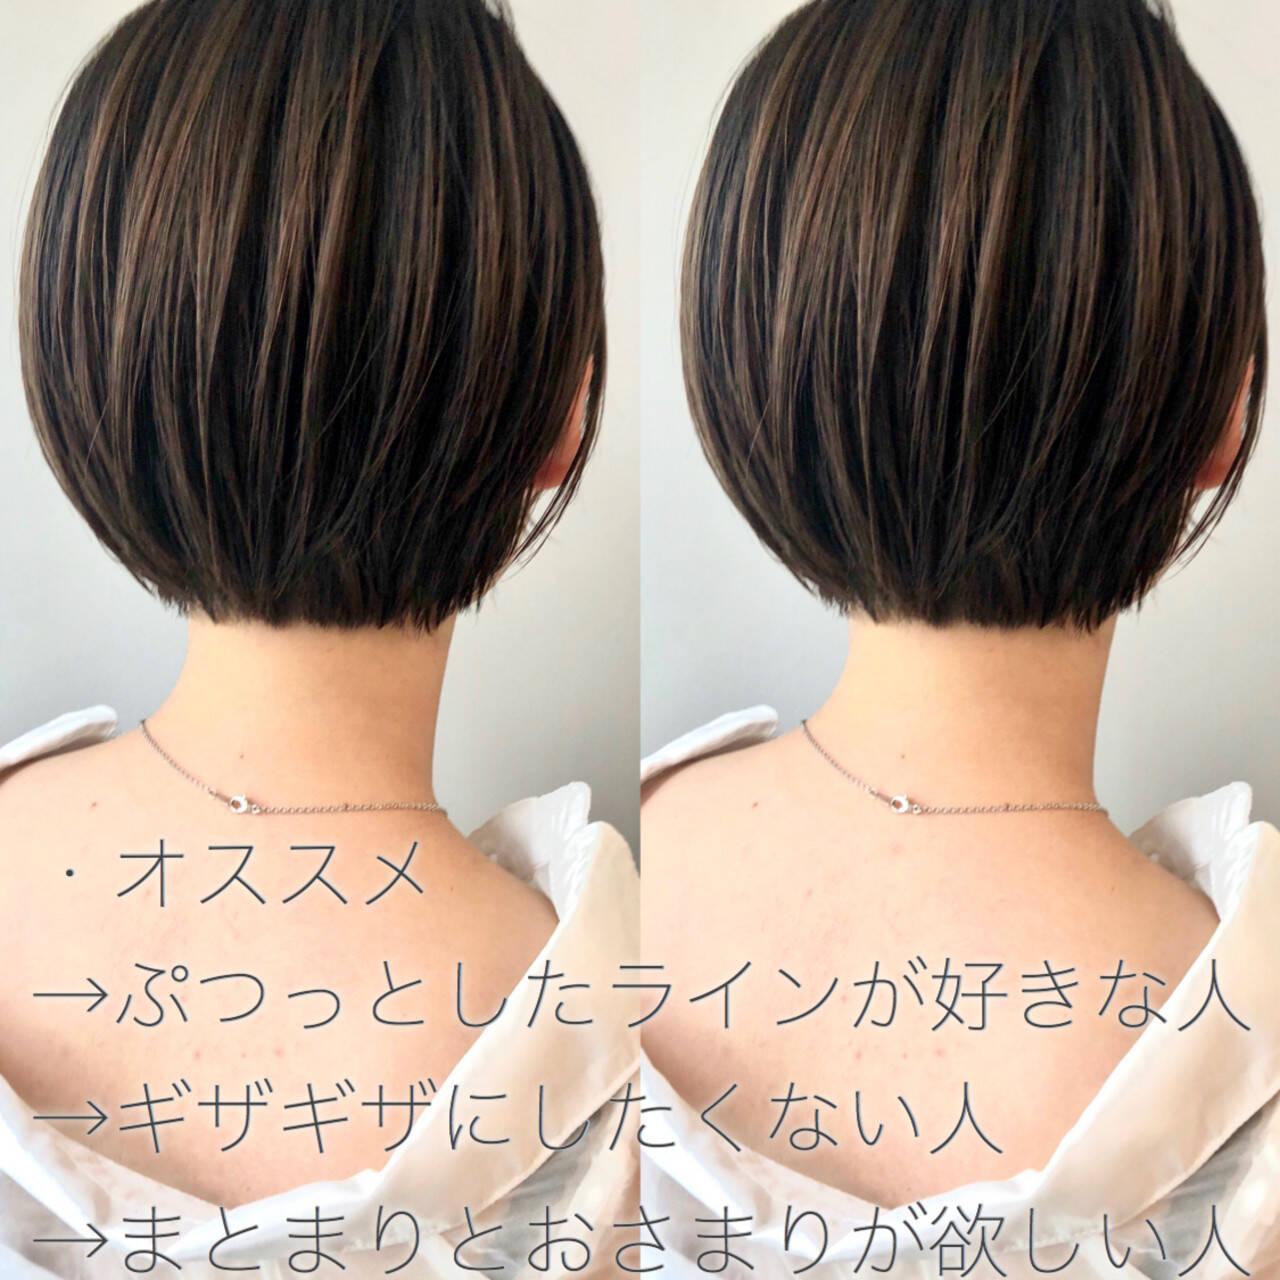 ミニボブ 切りっぱなしボブ ナチュラル ショートヘアスタイルや髪型の写真・画像